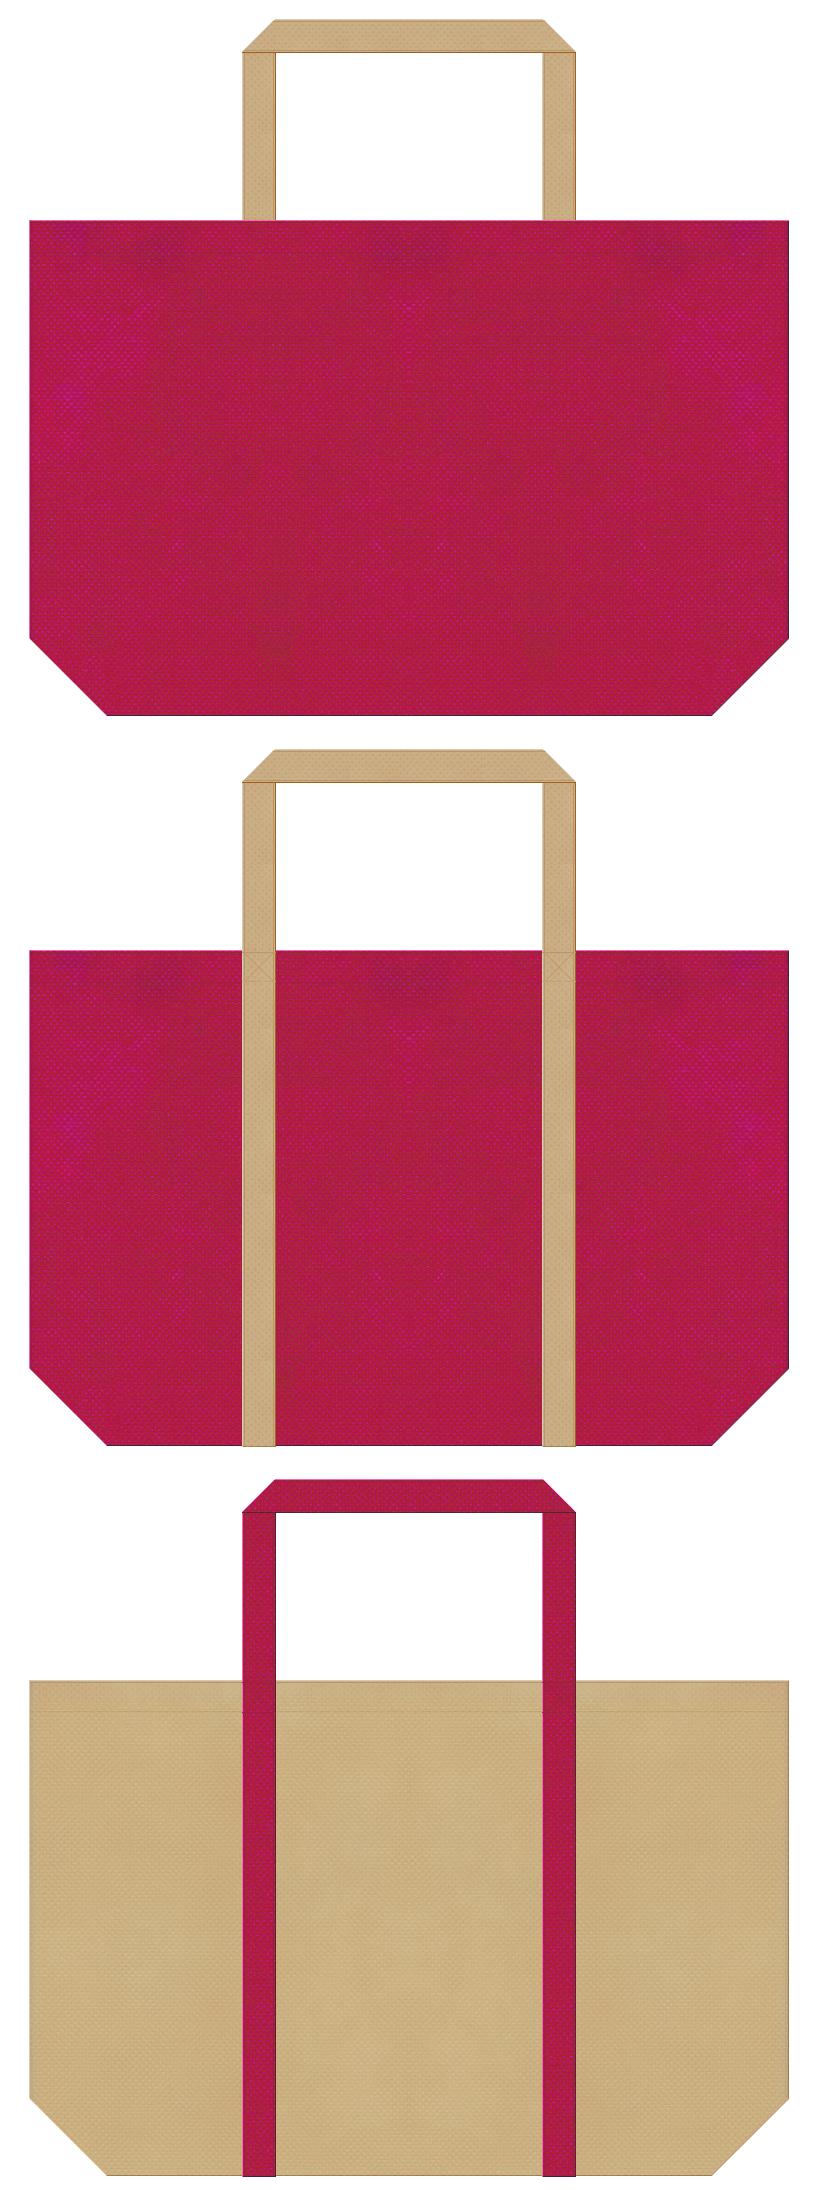 南国・リゾート・アイランド・トロピカル・カクテル・観光土産のショッピングバッグ・トラベルバッグにお奨めの不織布バッグデザイン:濃いピンク色とカーキ色のコーデ